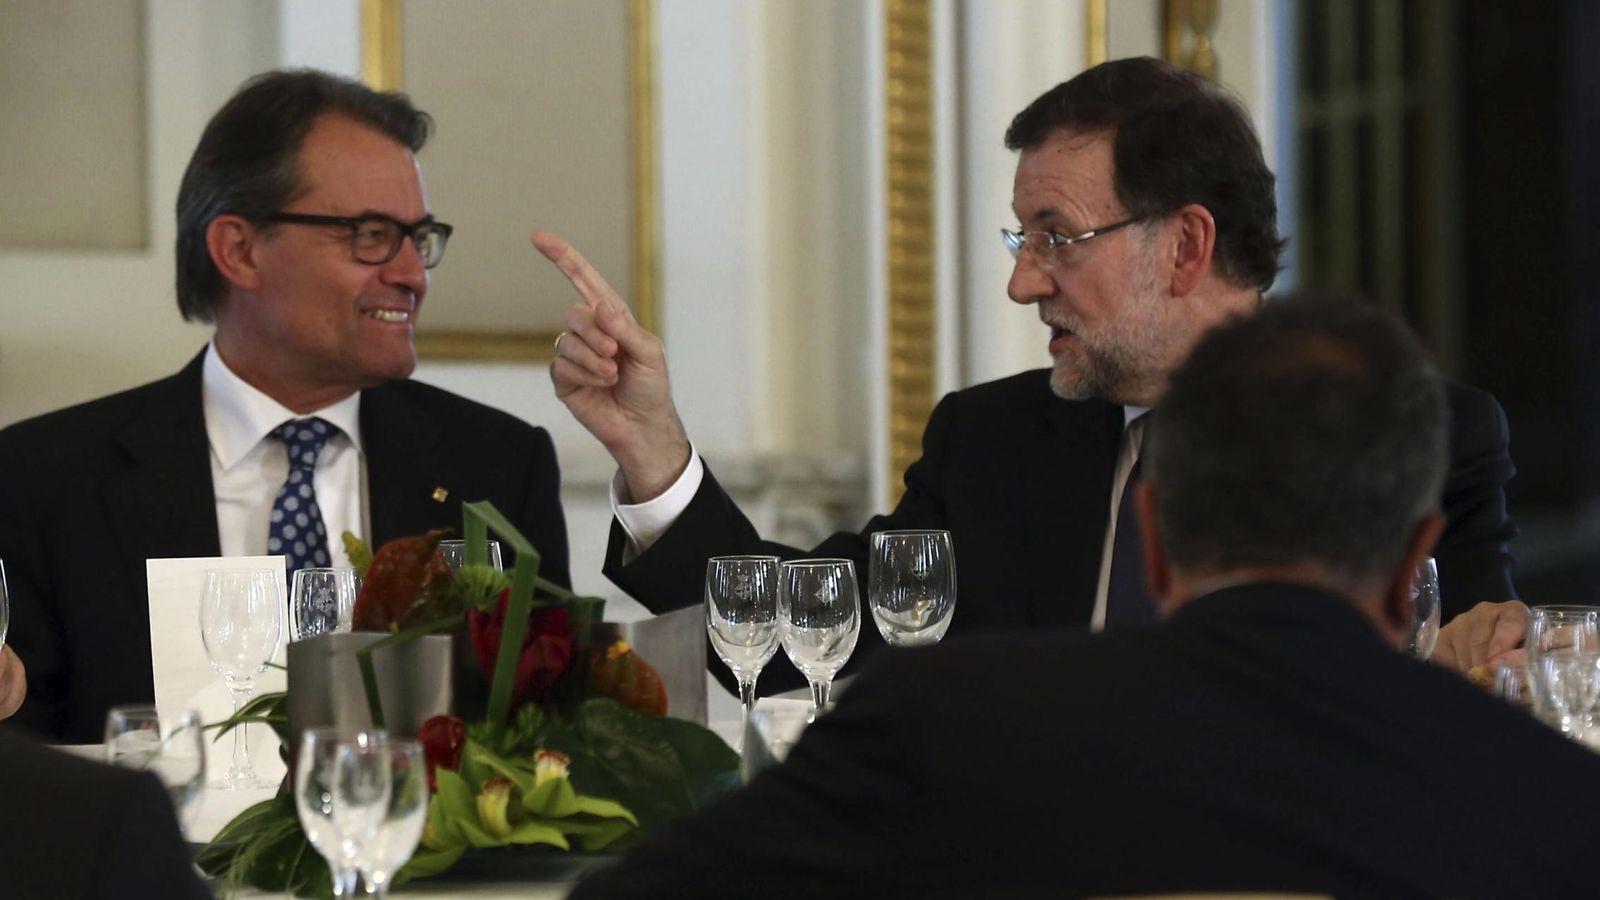 Foto: El presidente de la Generalitat, Artur Mas (i), y el presidente del Gobierno, Mariano Rajoy (d), durante un almuerzo del Salón del Automóvil. (EFE)